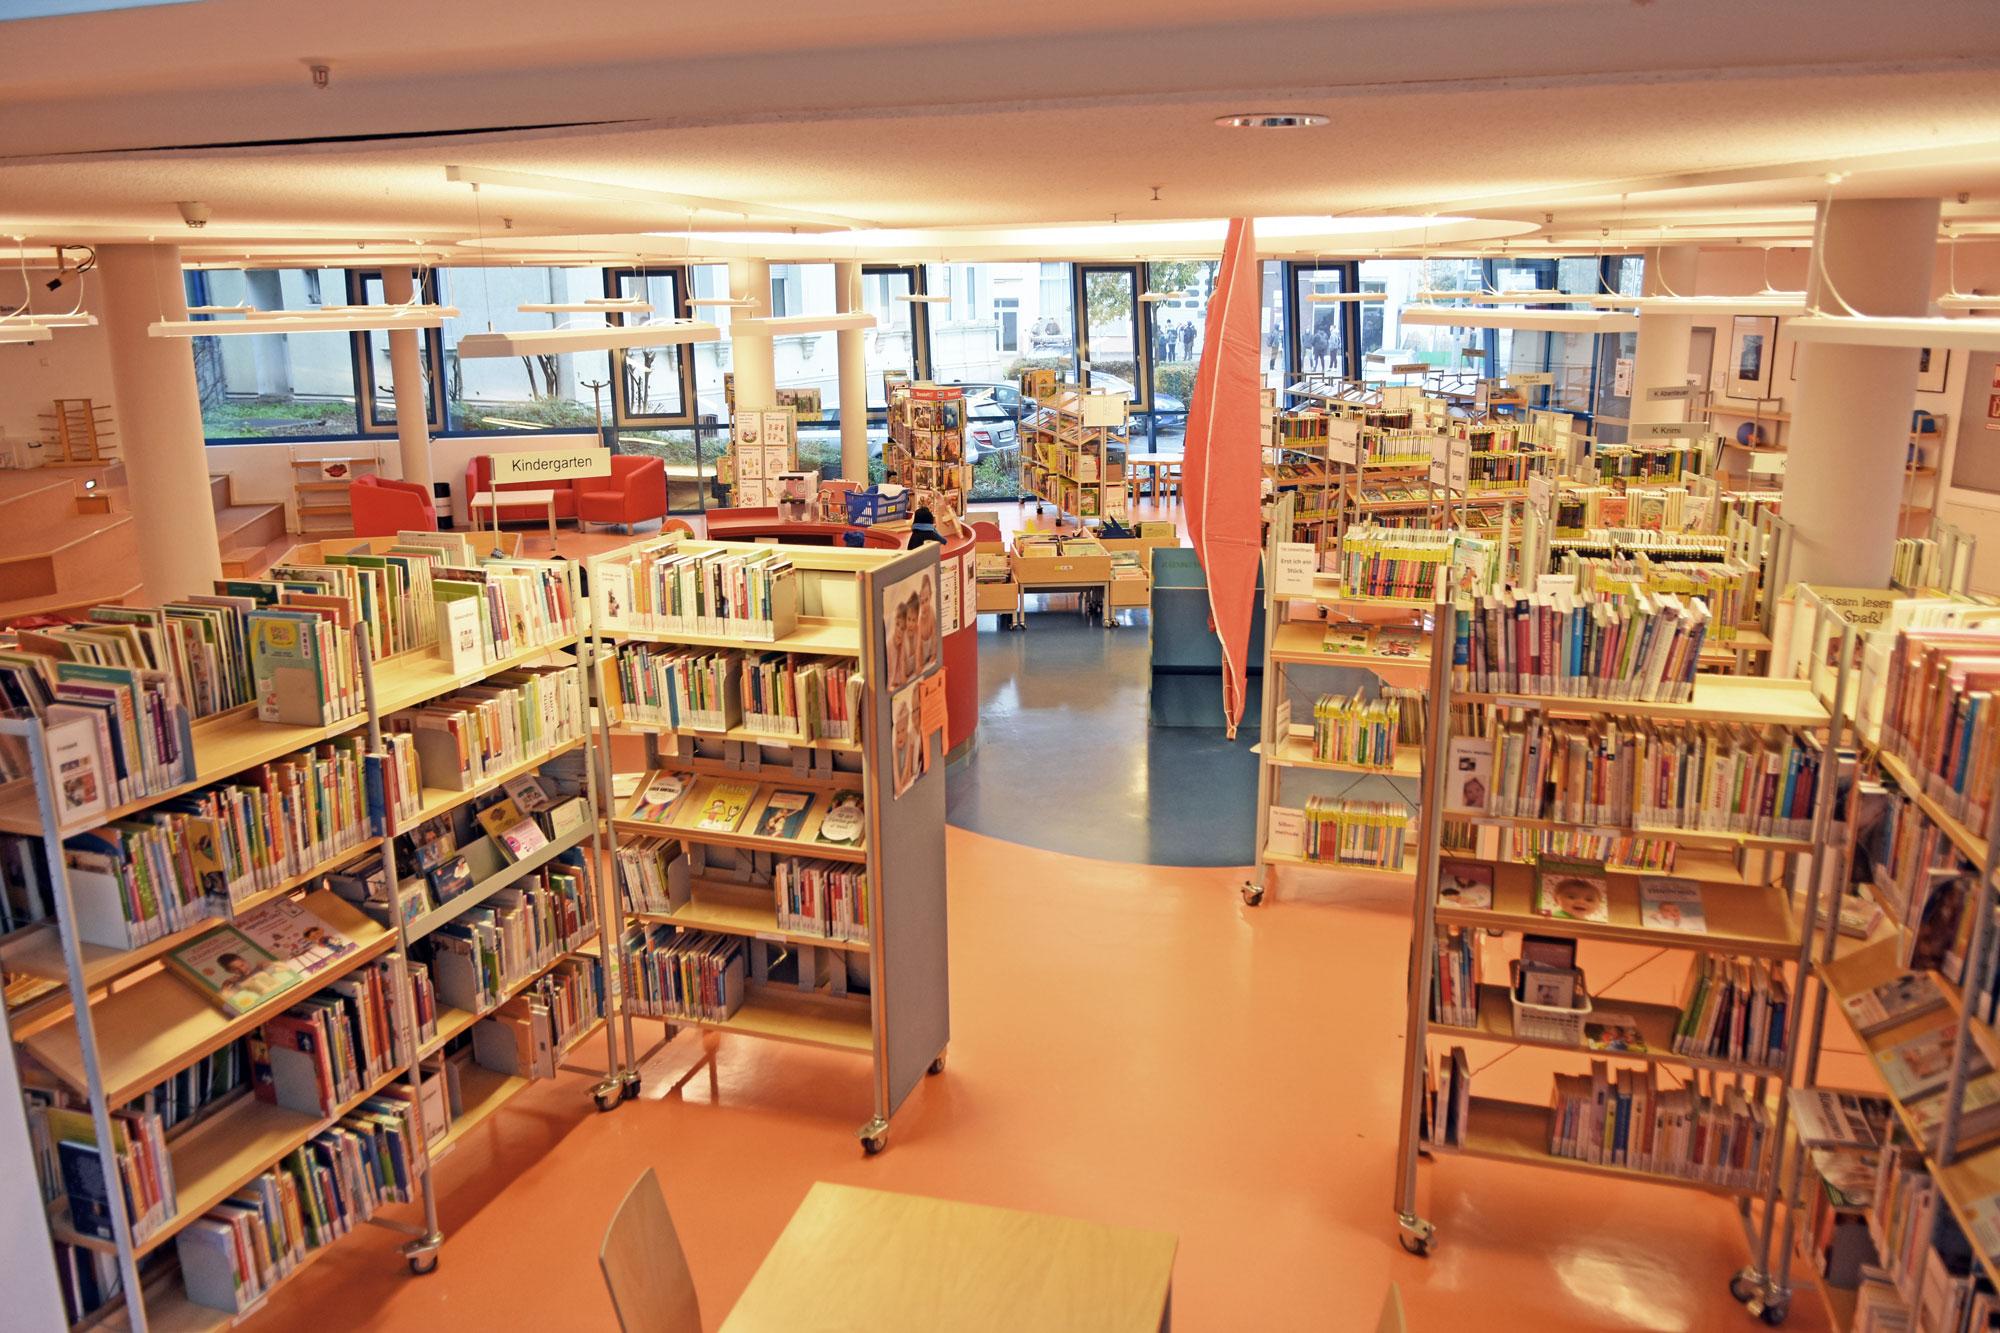 Bibliothek der Kreisstadt Unna. (Foto: Stadt Unna)